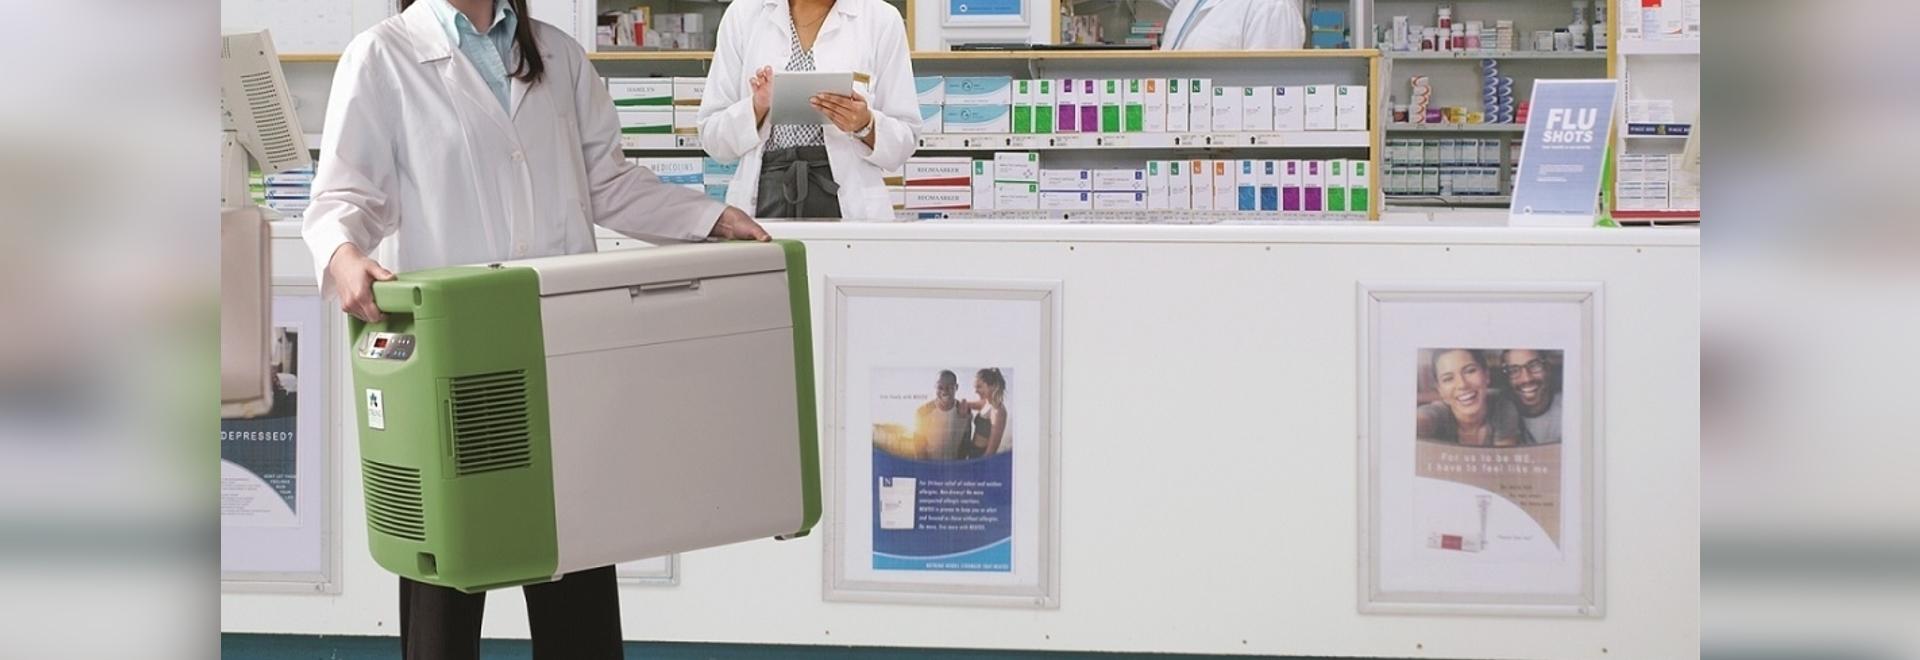 Covid-19-Impfstoffe: Wie Ultra-Tiefkühlgeräte funktionieren